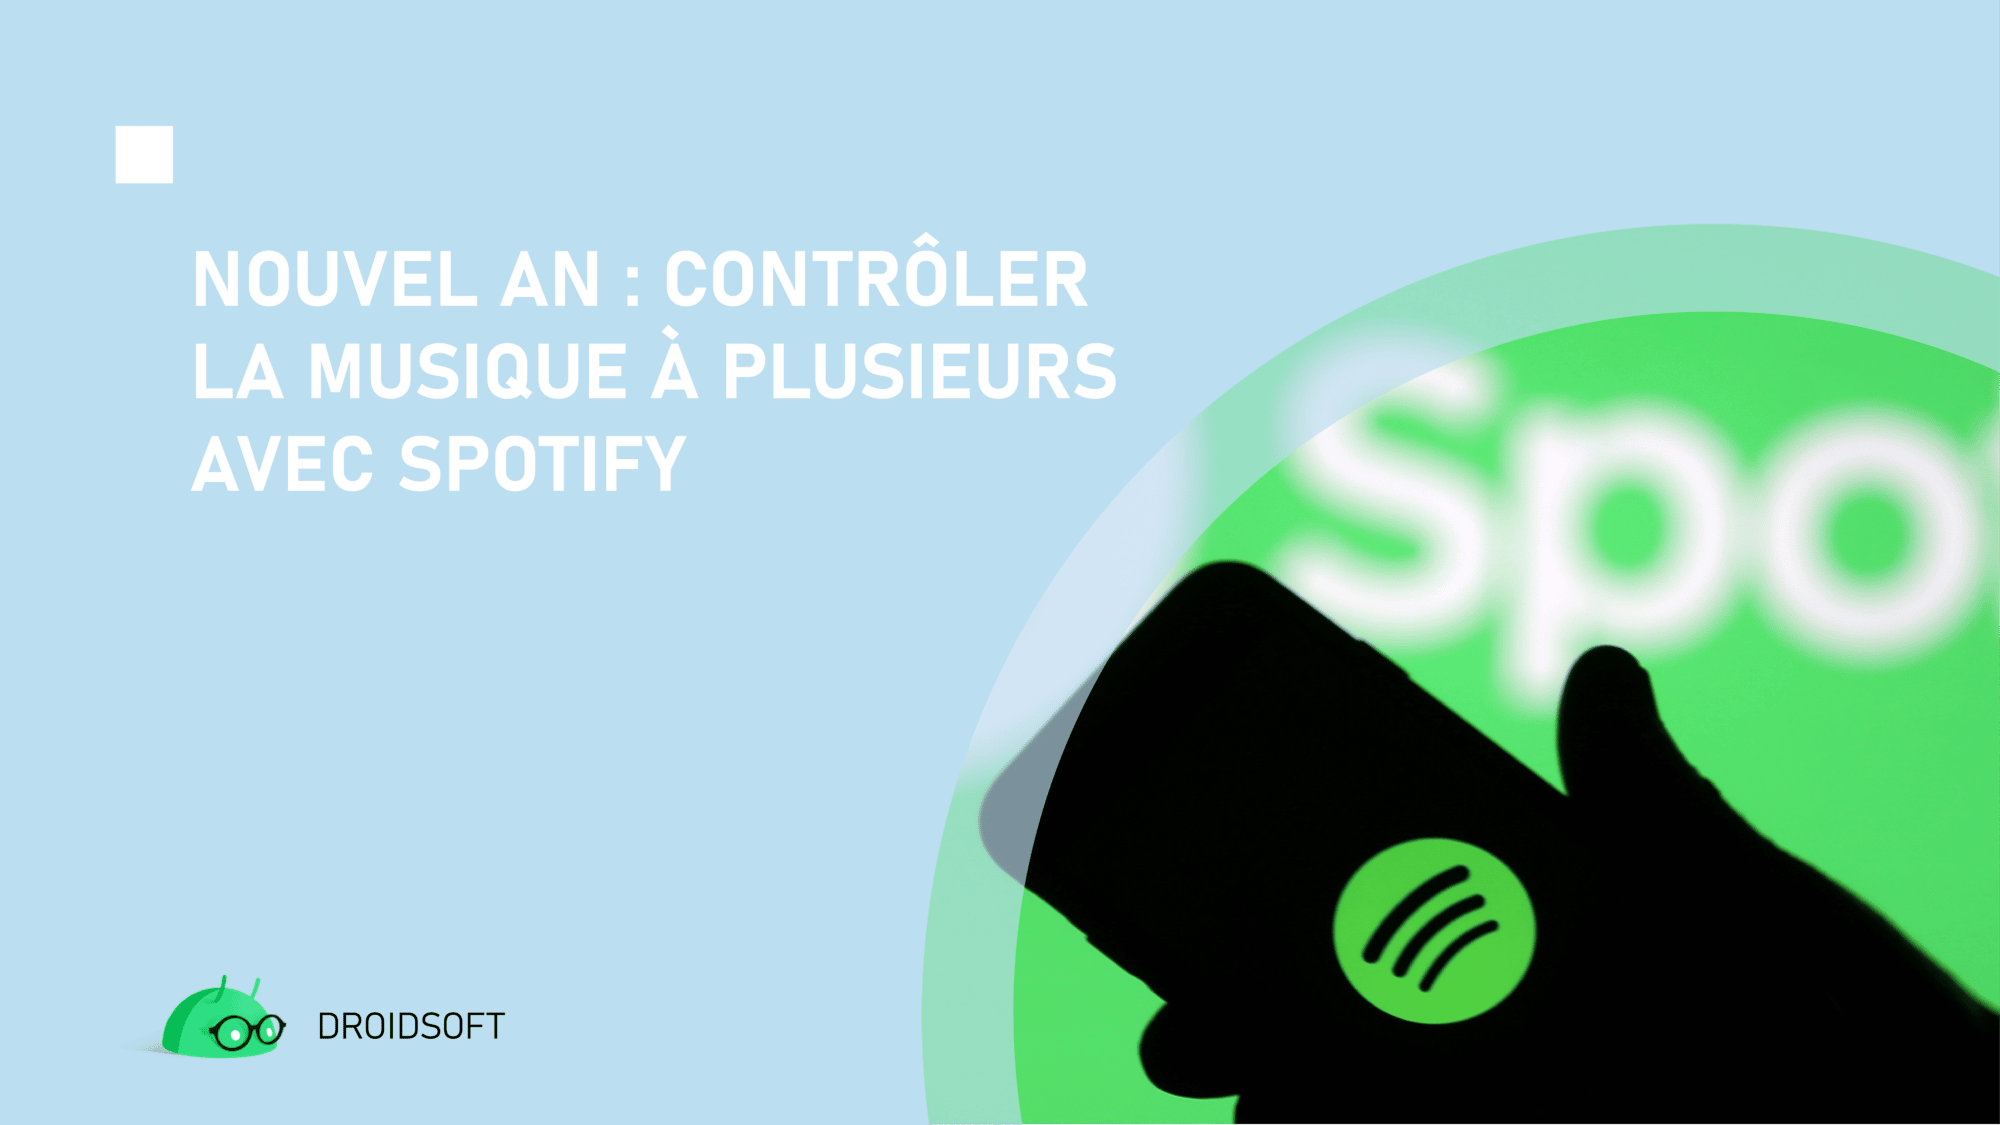 Nouvel-an-controler-la-musique-a-plusieurs-avec-Spotify